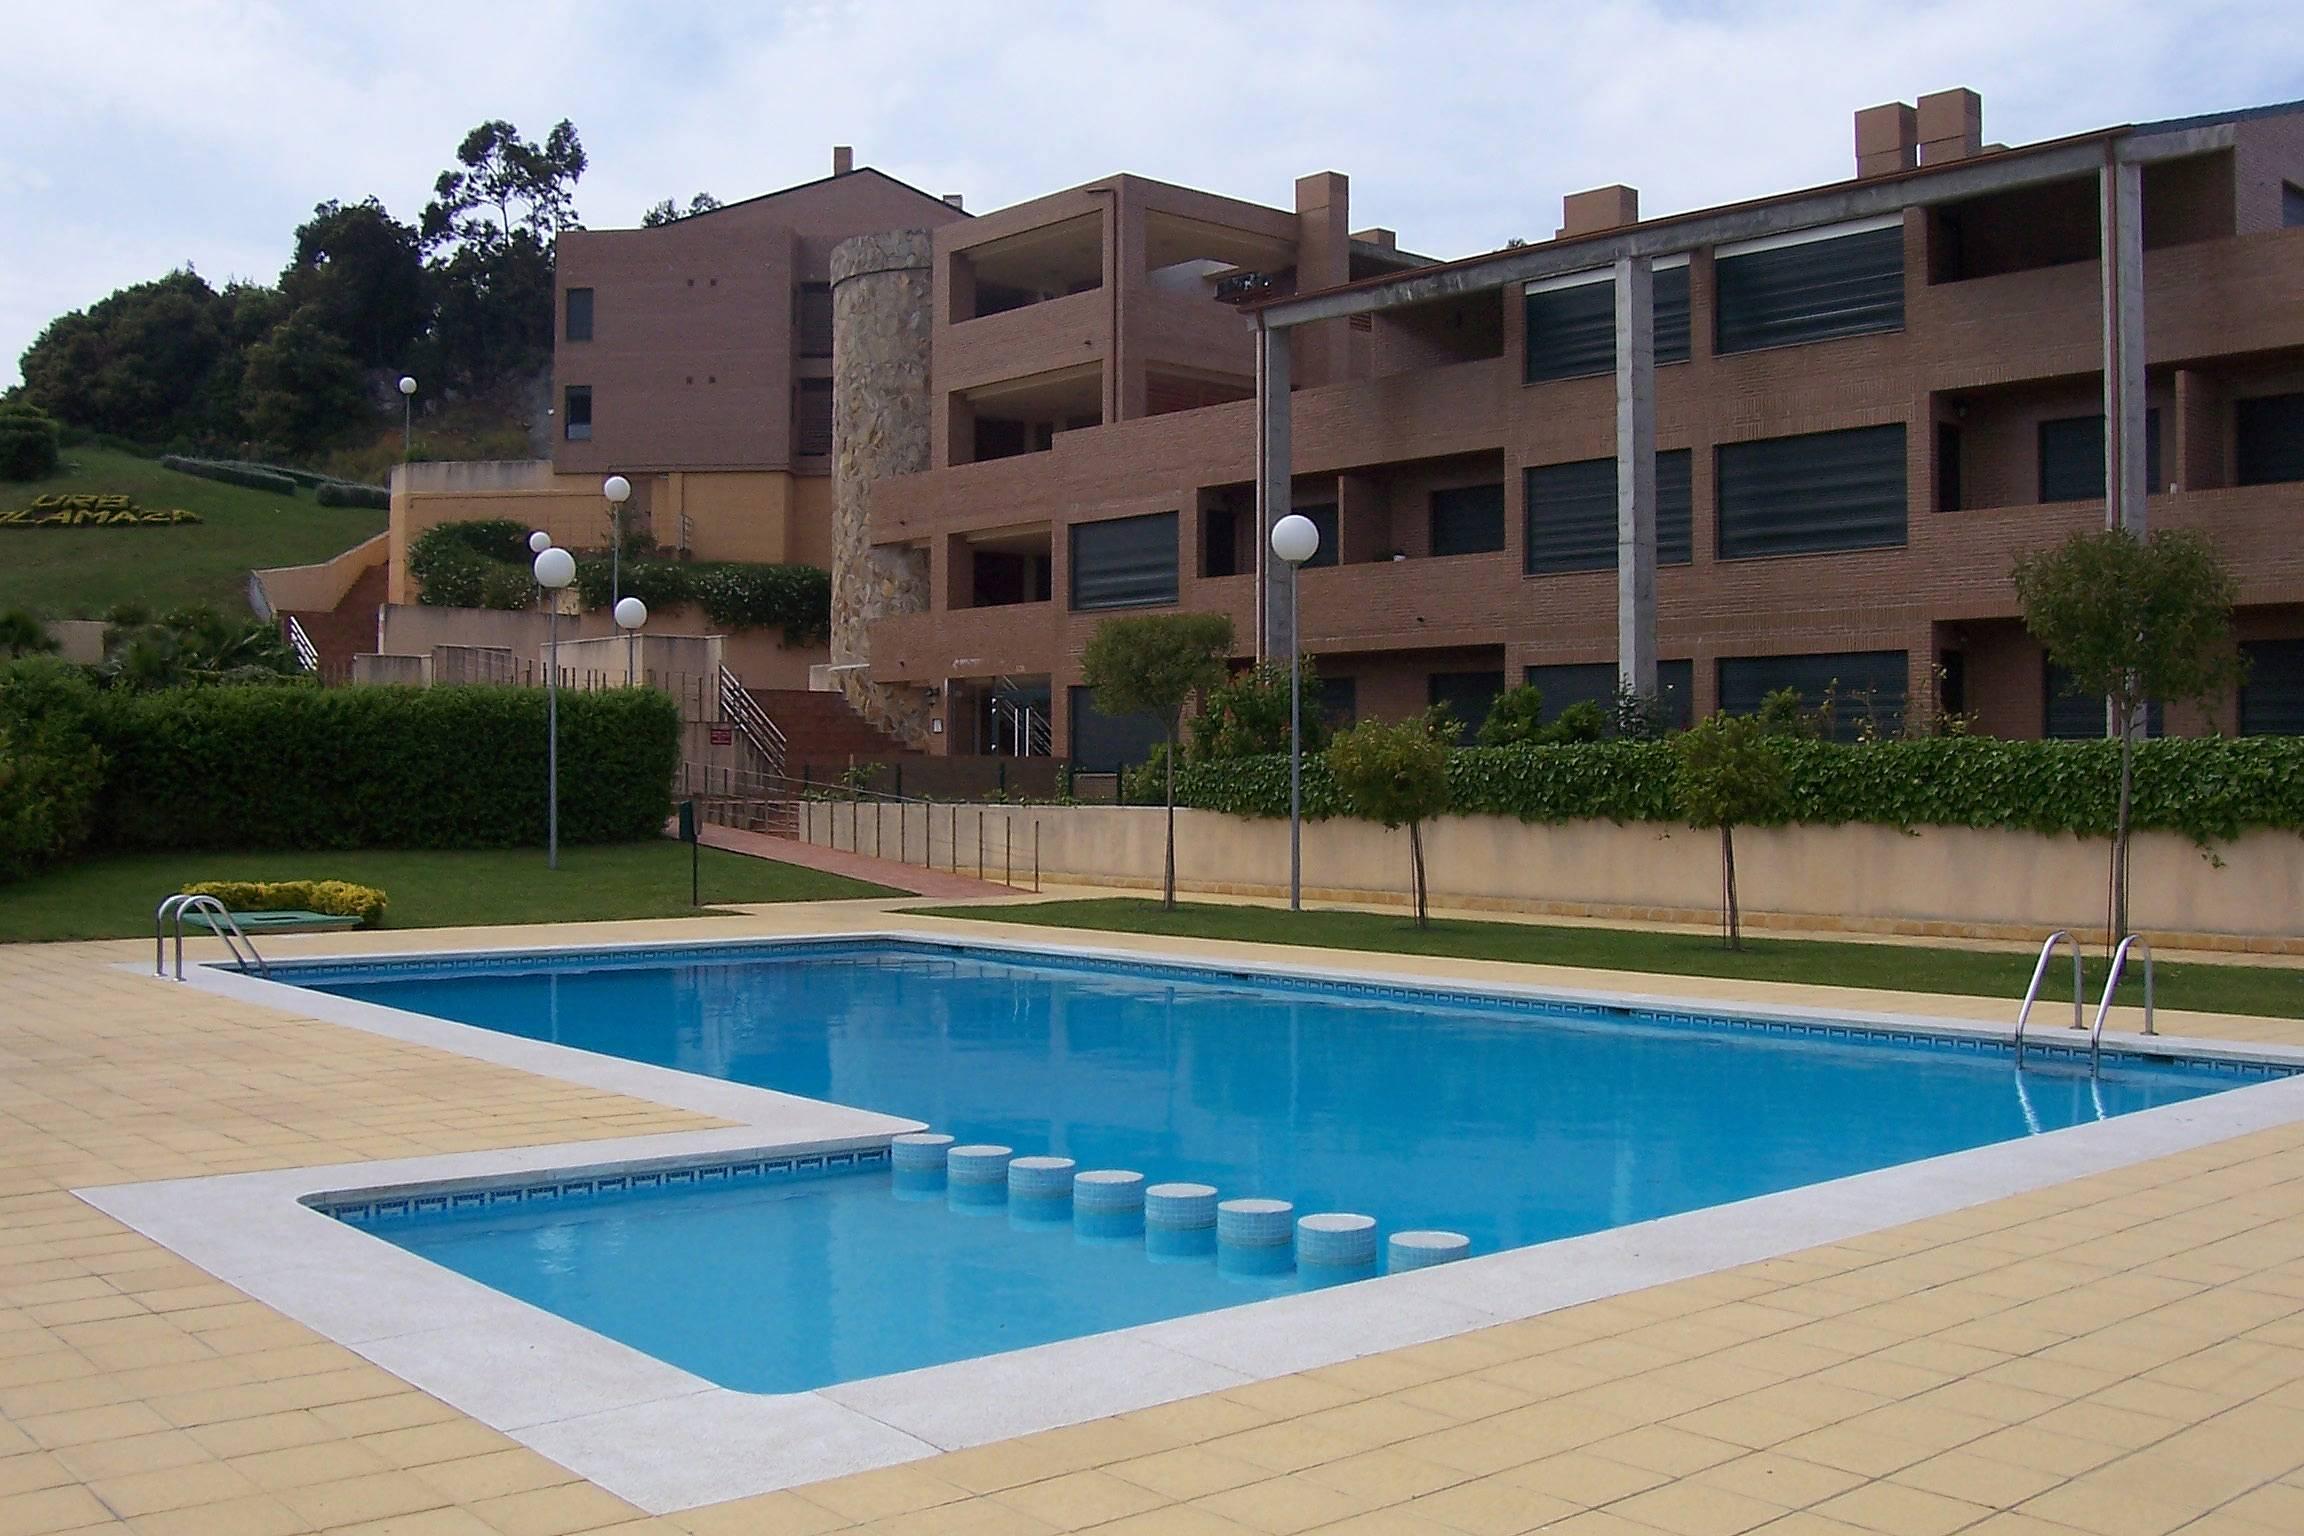 Apartamento en alquiler a 400 m de la playa isla playa arnuero cantabria costa de cantabria - Apartamentos en cantabria playa ...